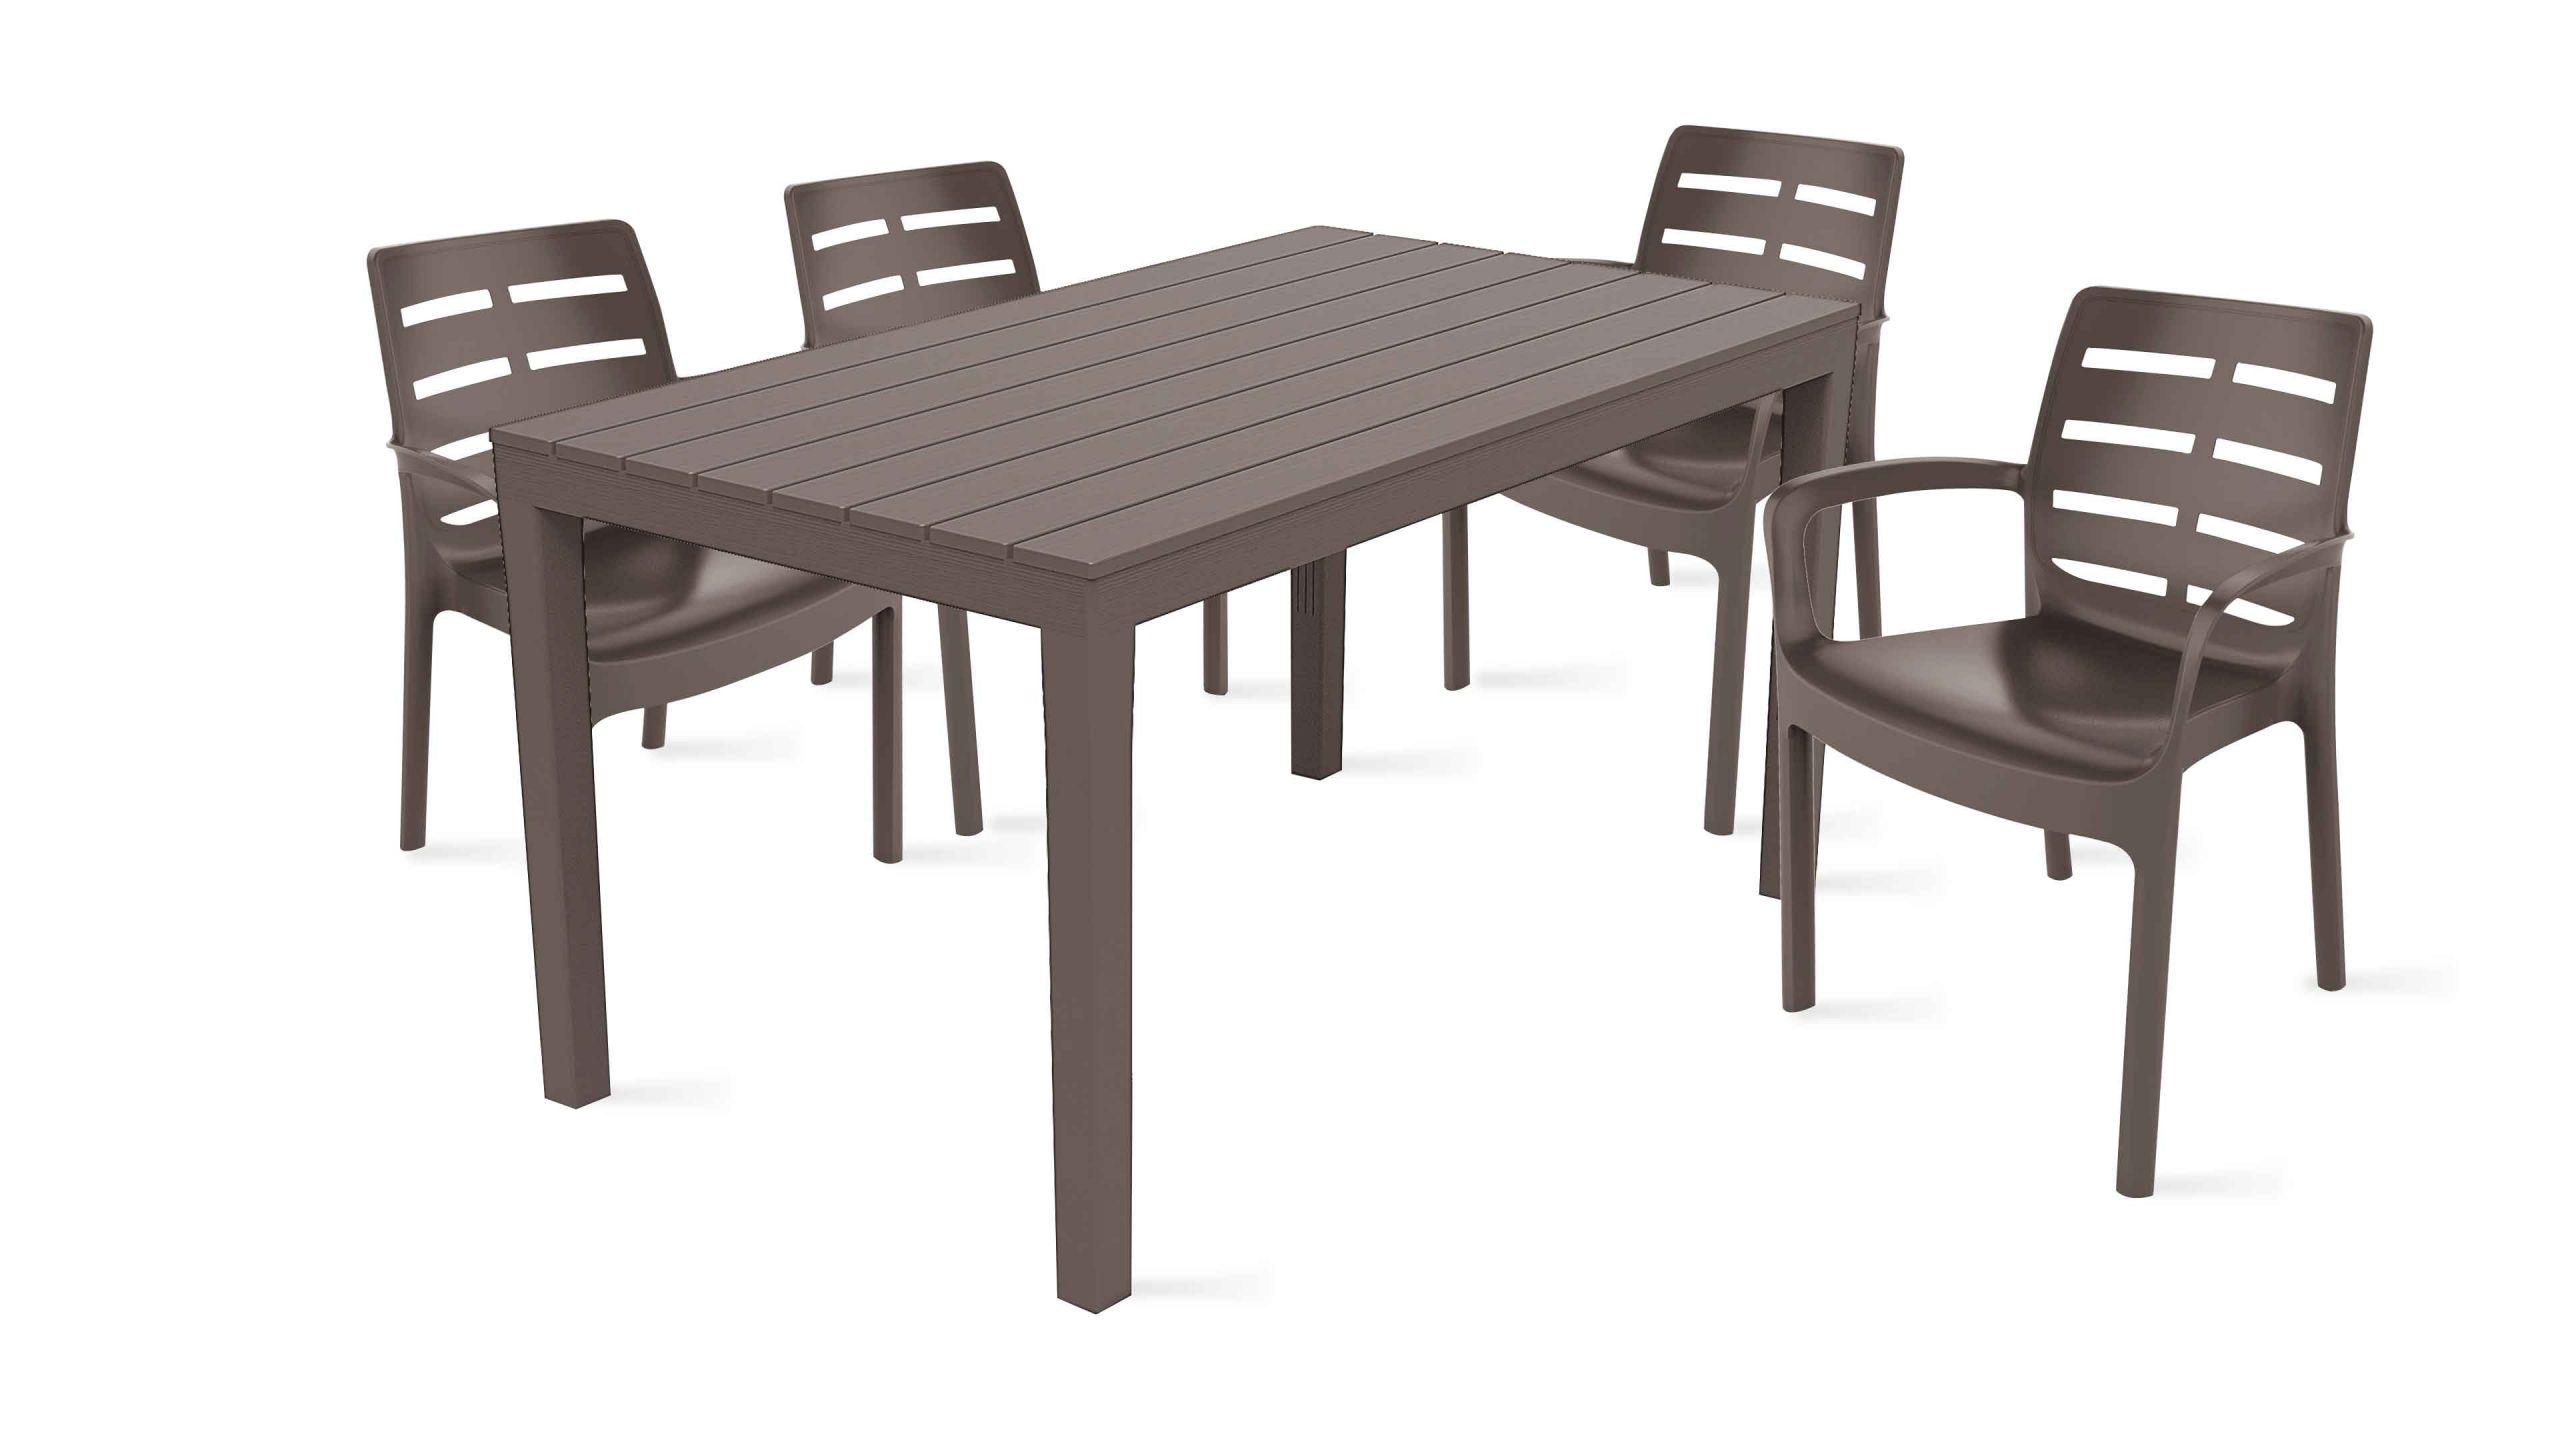 Solde Table De Jardin Salon De Jardin 4 Places En Plastique